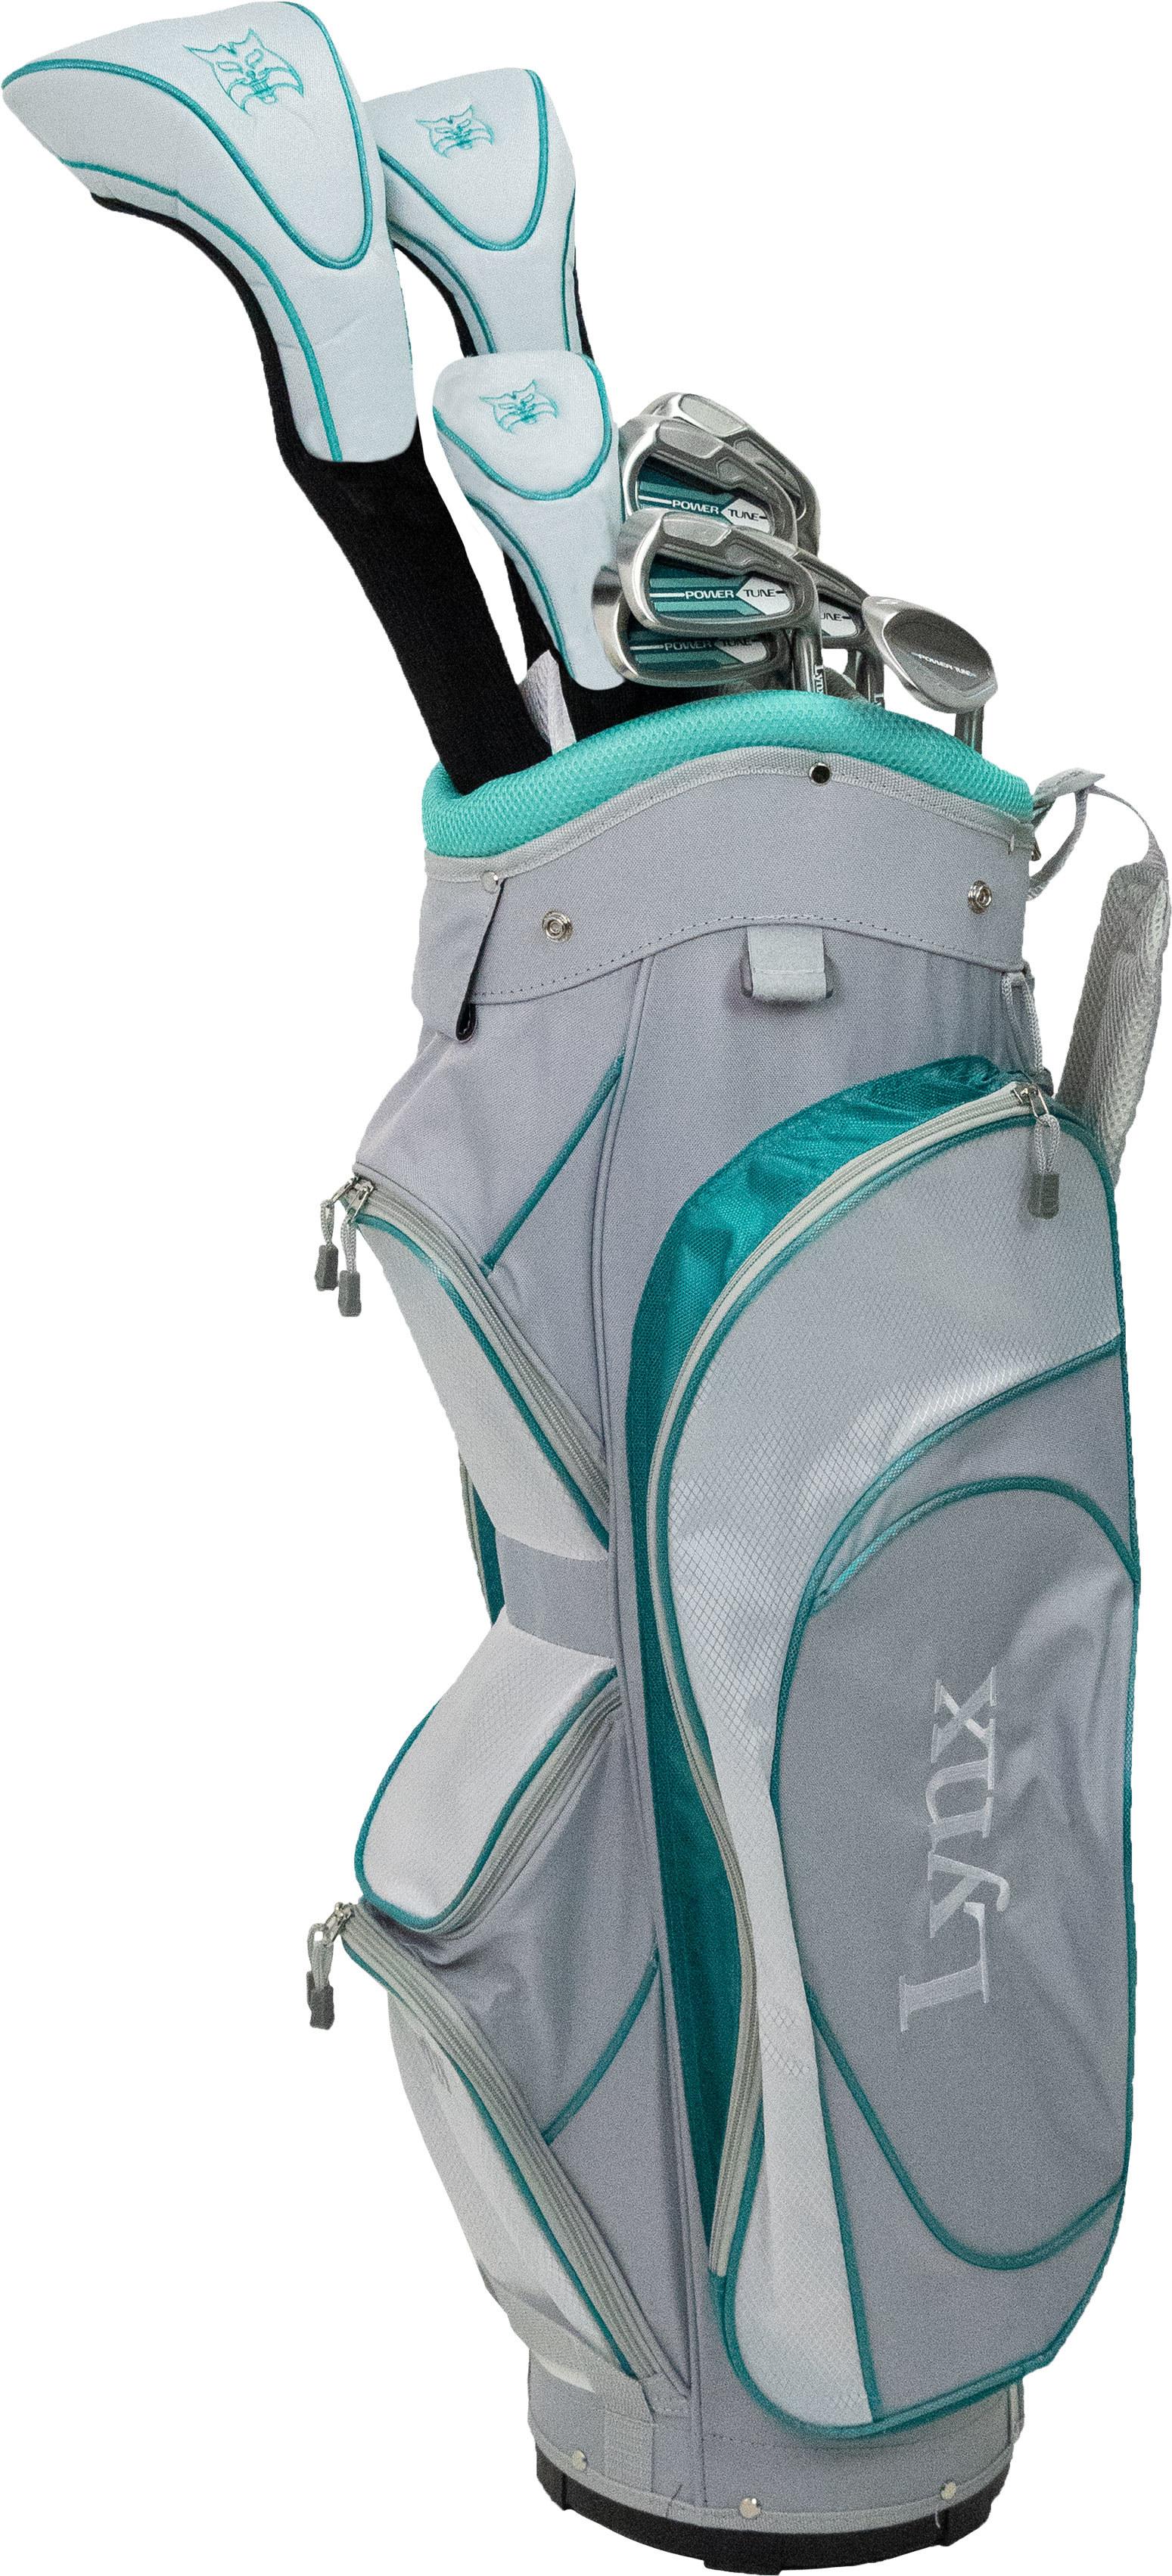 A blue 11-piece golf set